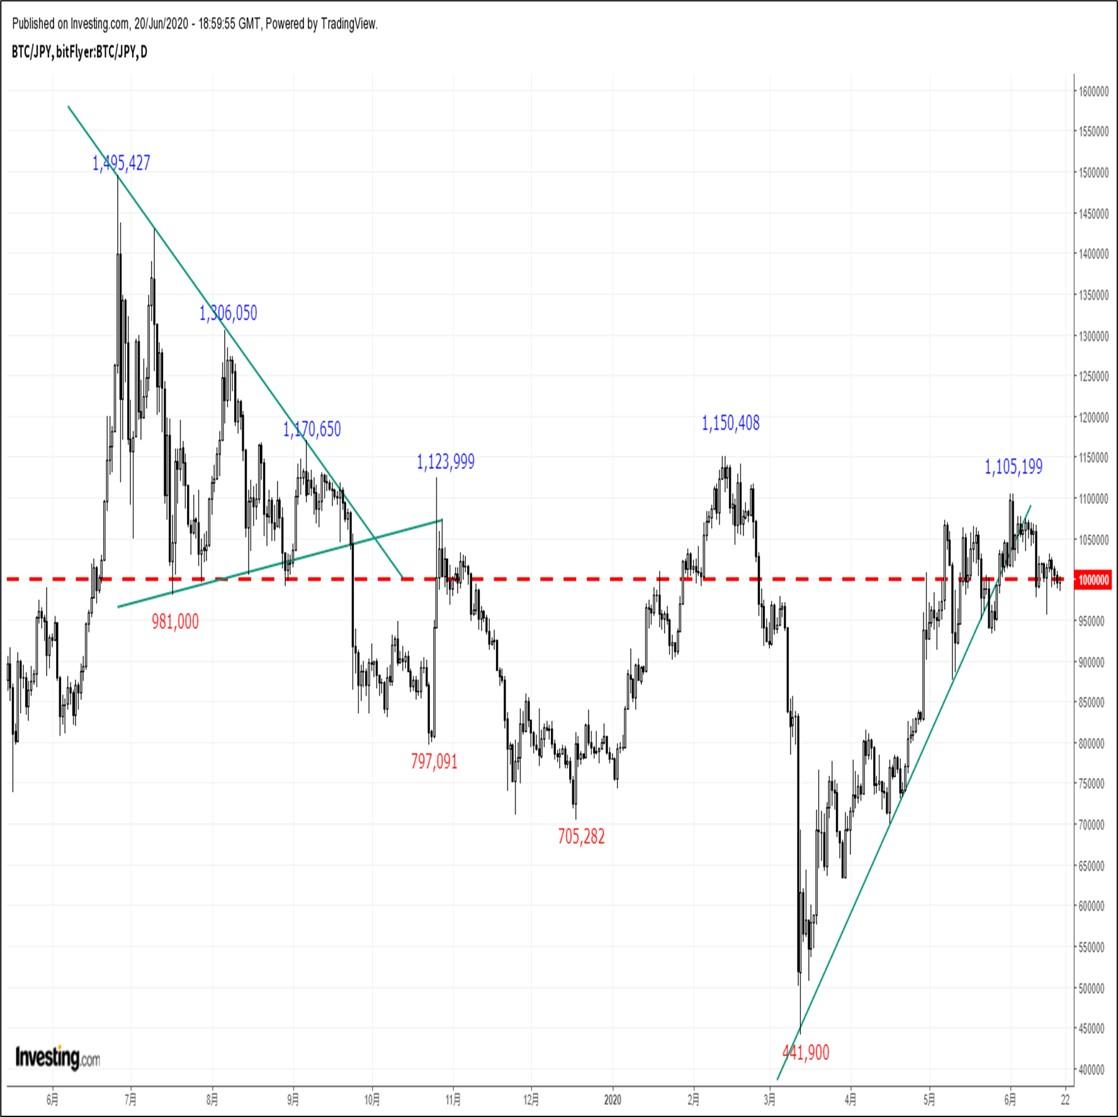 ビットコインの価格分析:『投資家心理の悪化を背景に軟調推移が継続か』(20/6/21)